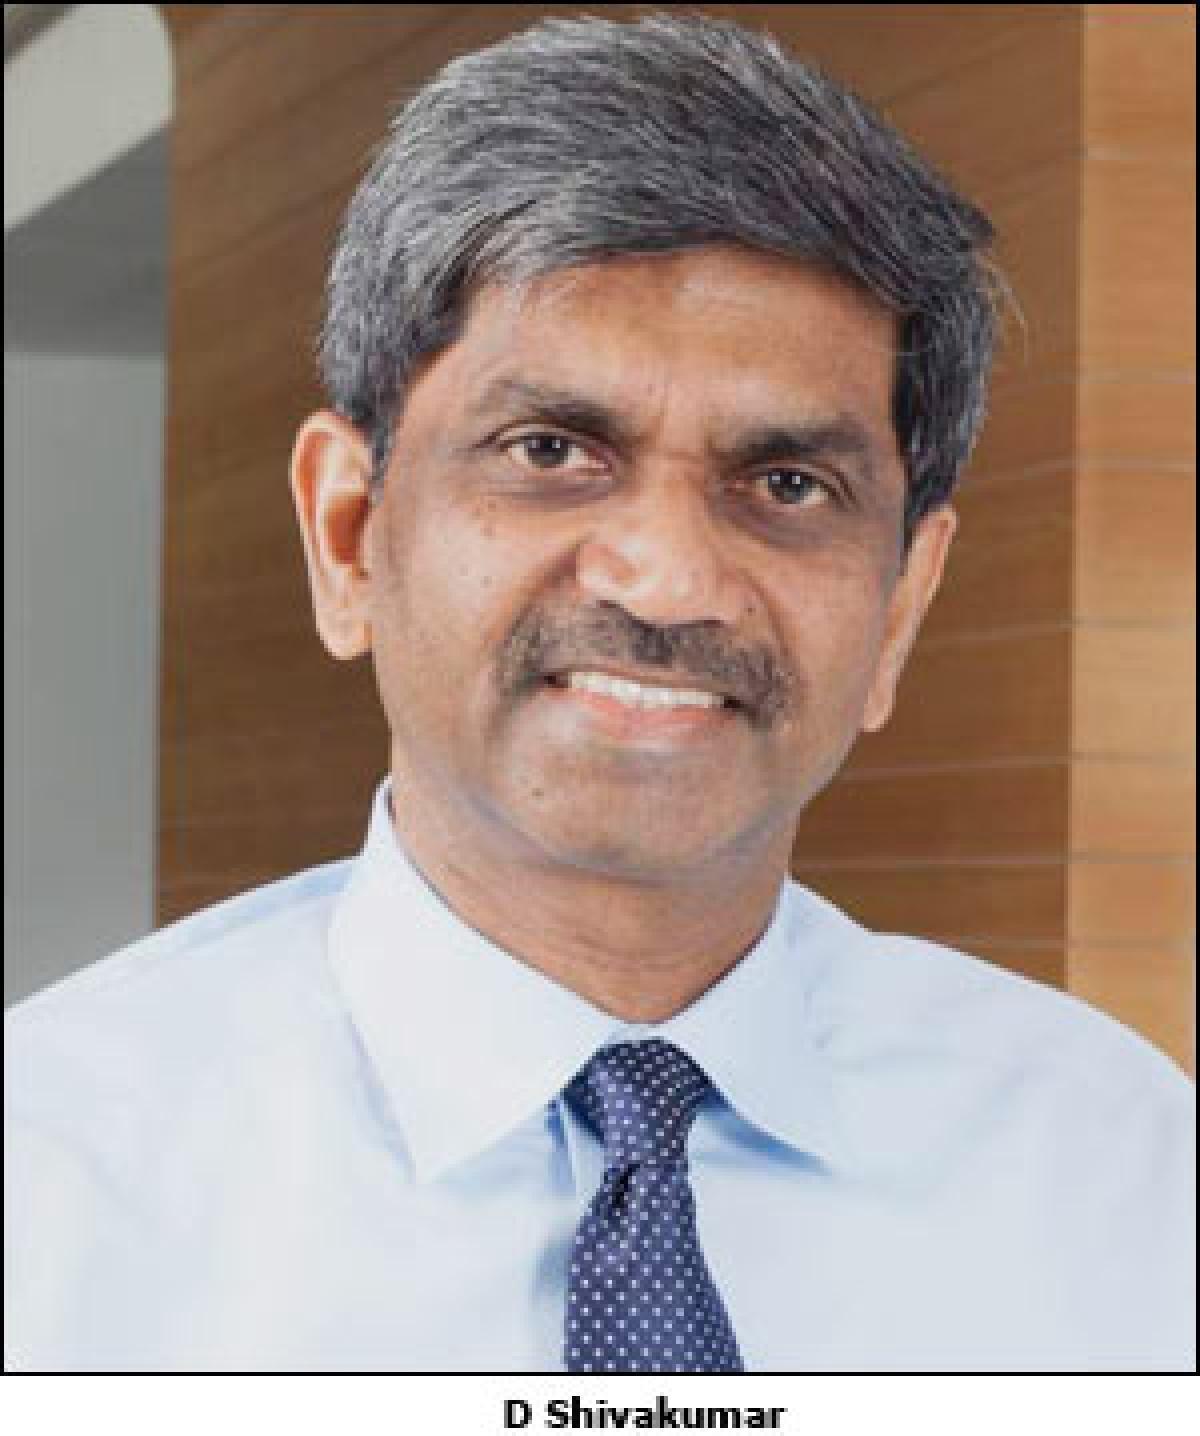 PepsiCo's D Shivakumar to chair MMA India Board